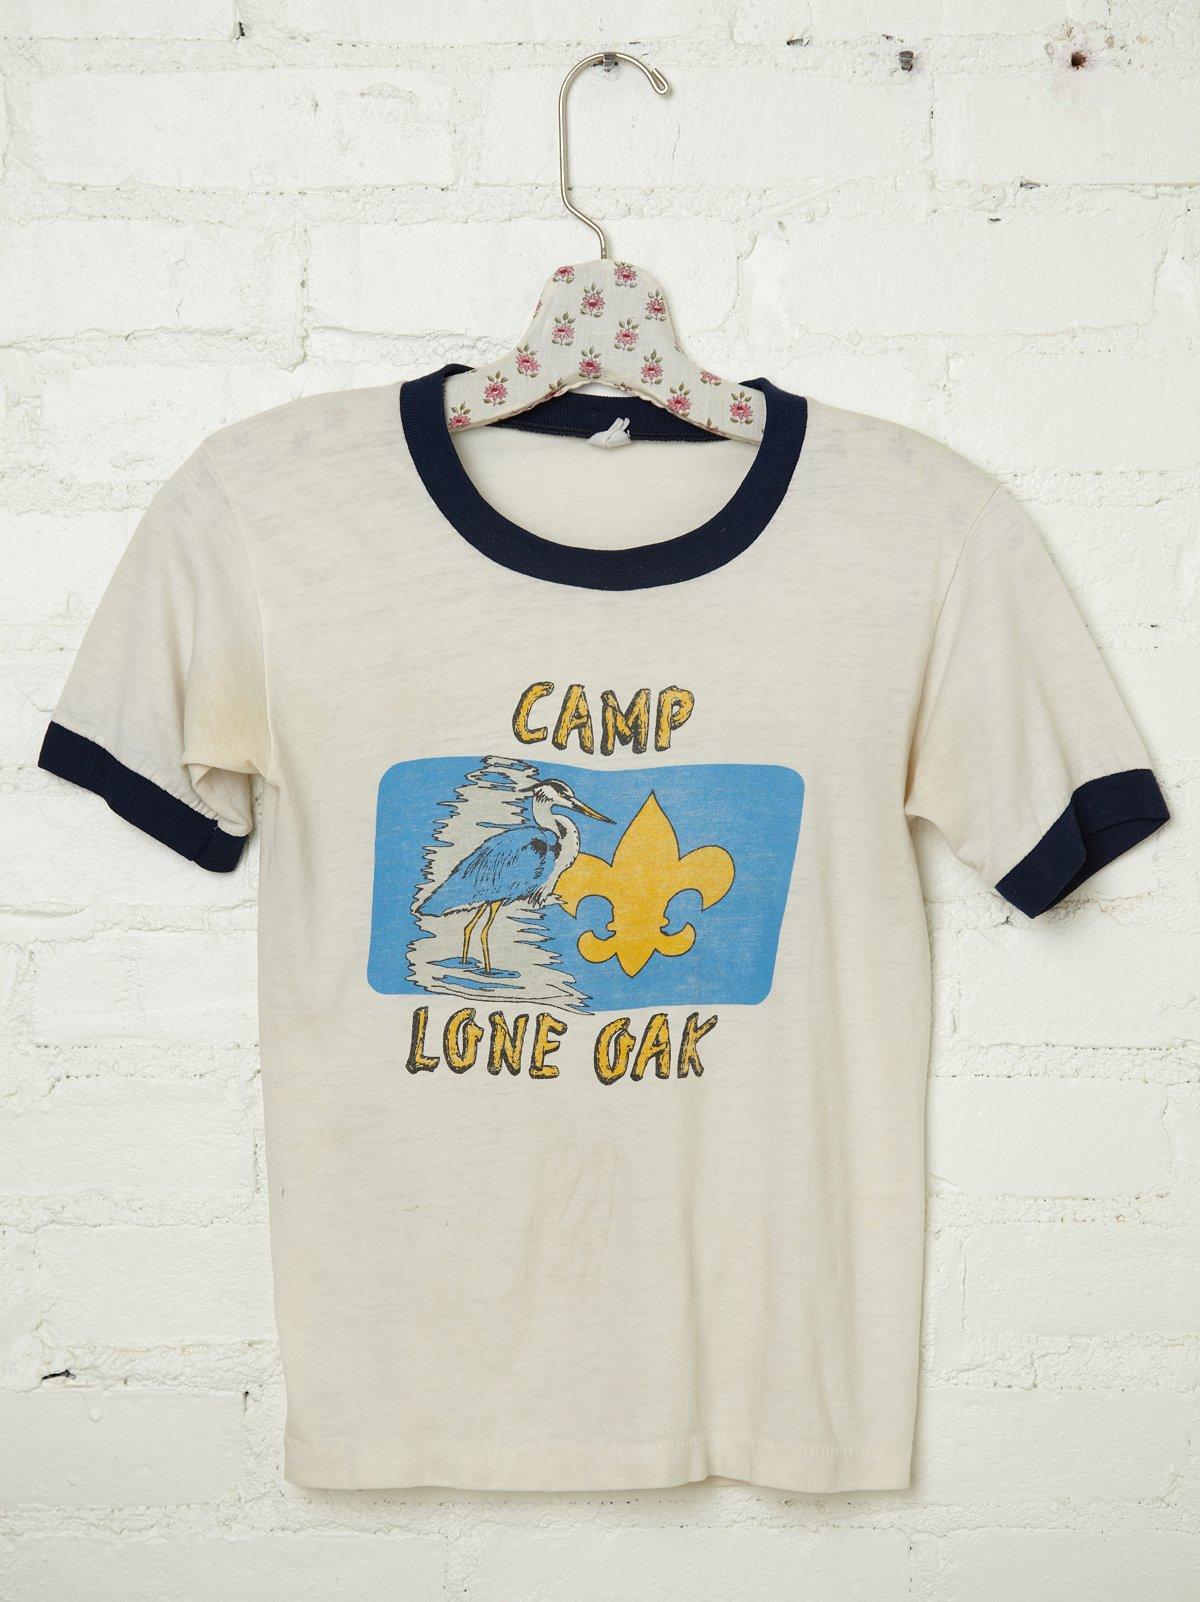 Vintage Camp Lone Oak Tee